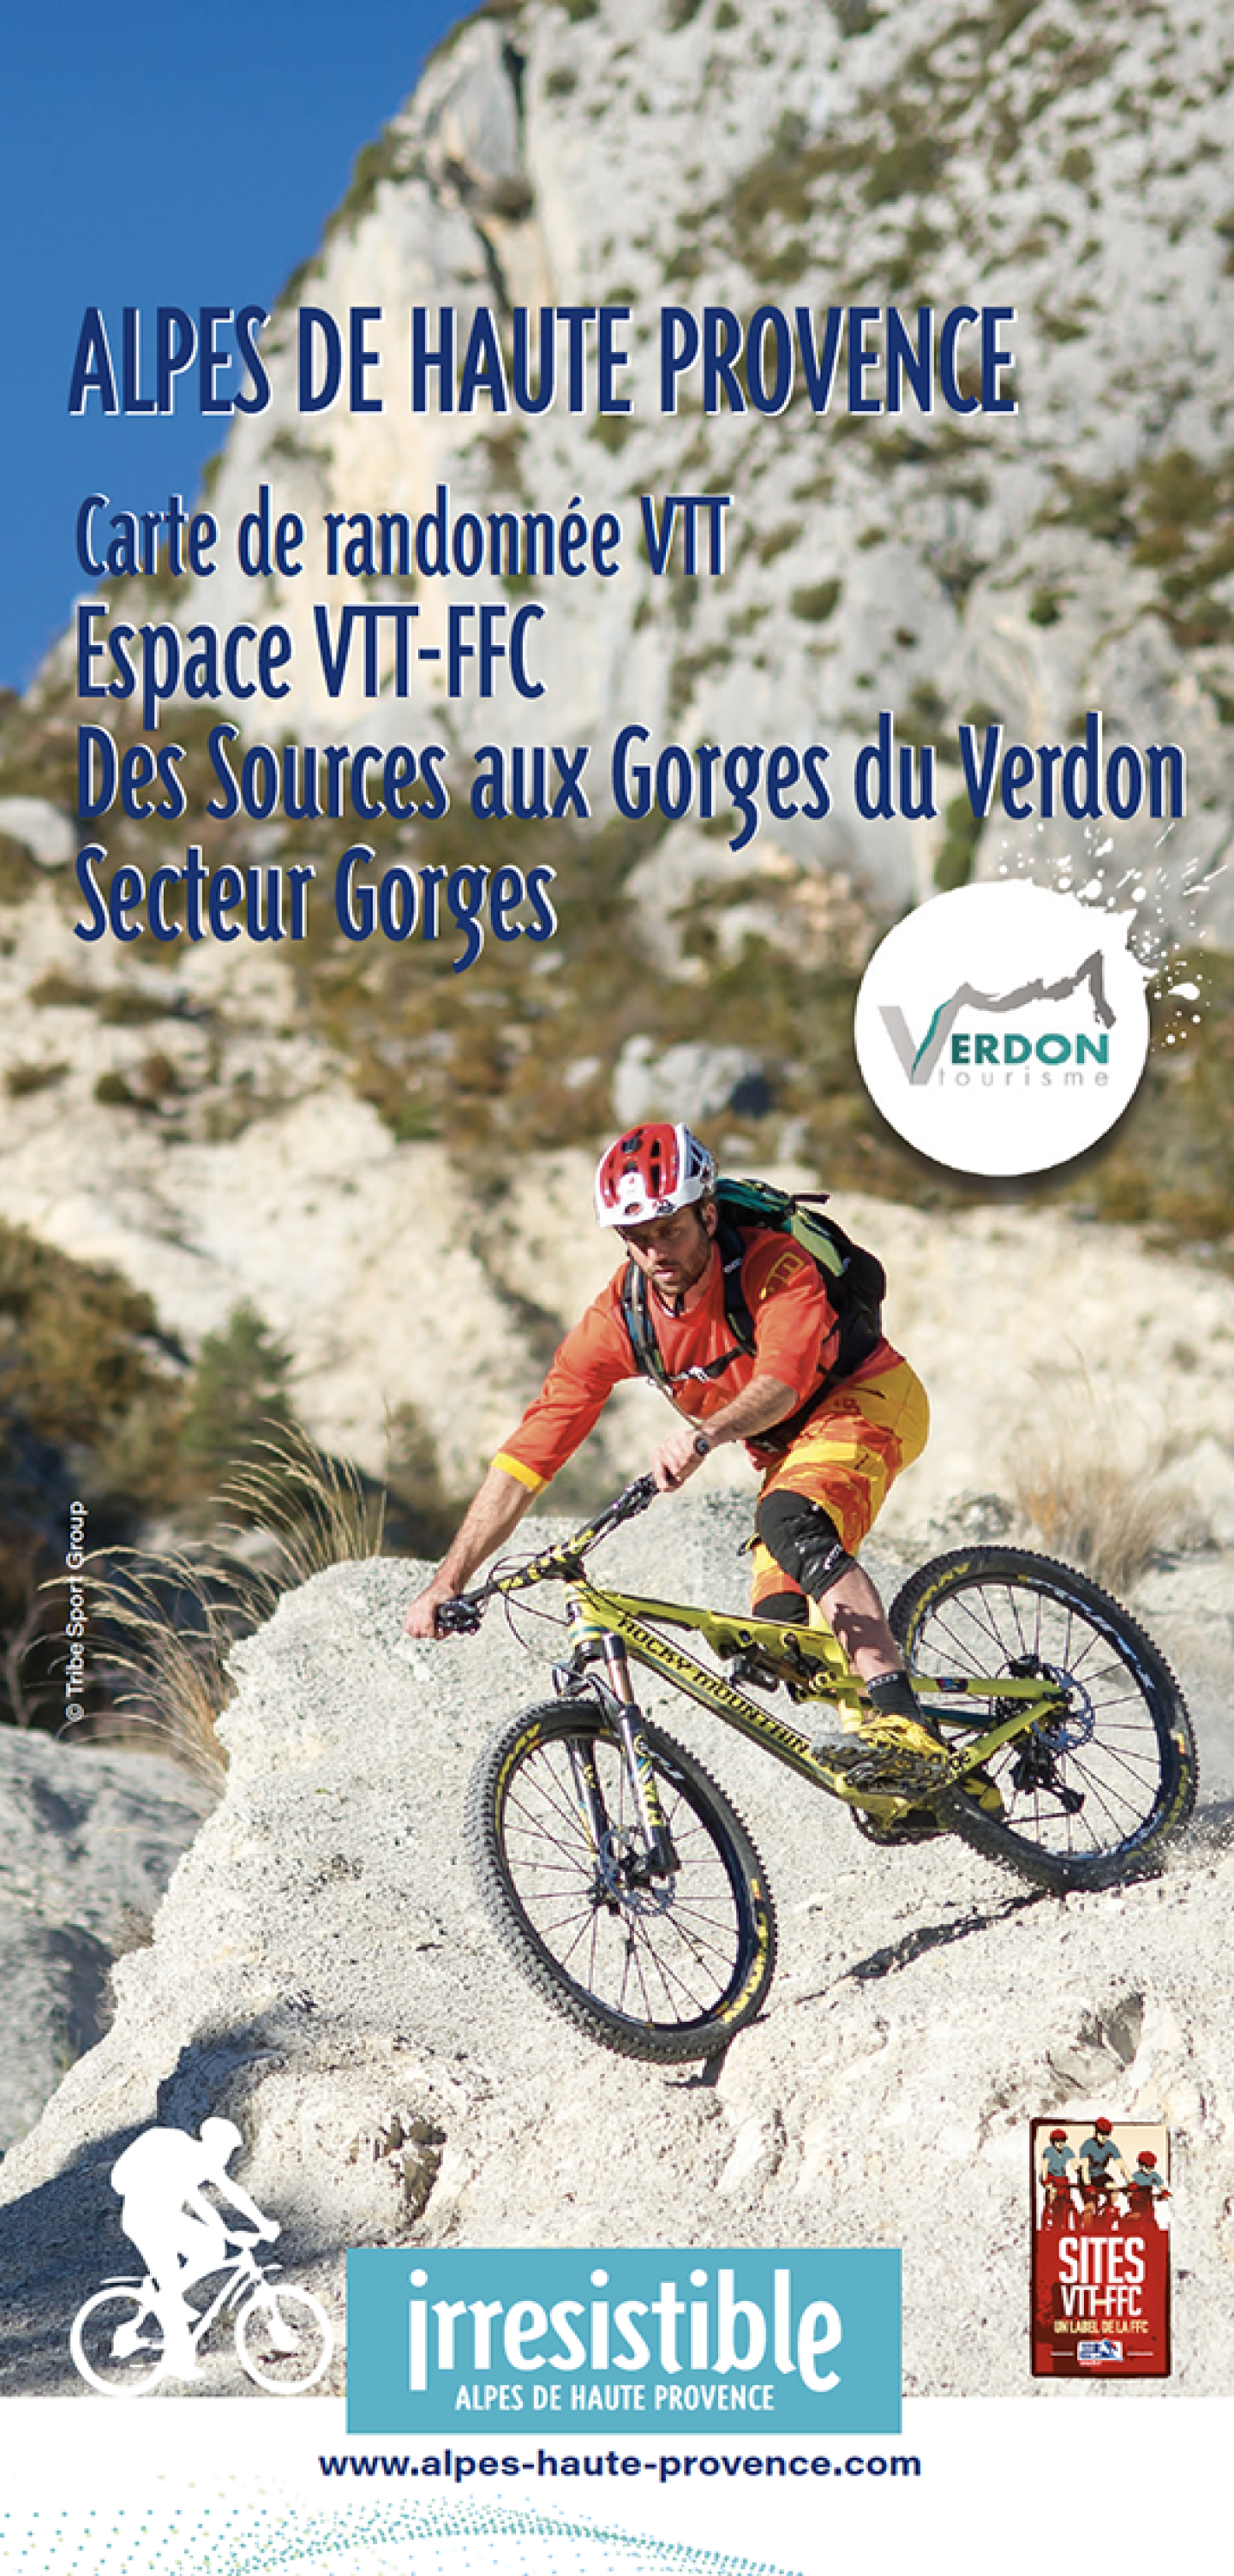 couv VTT Verdon (002)